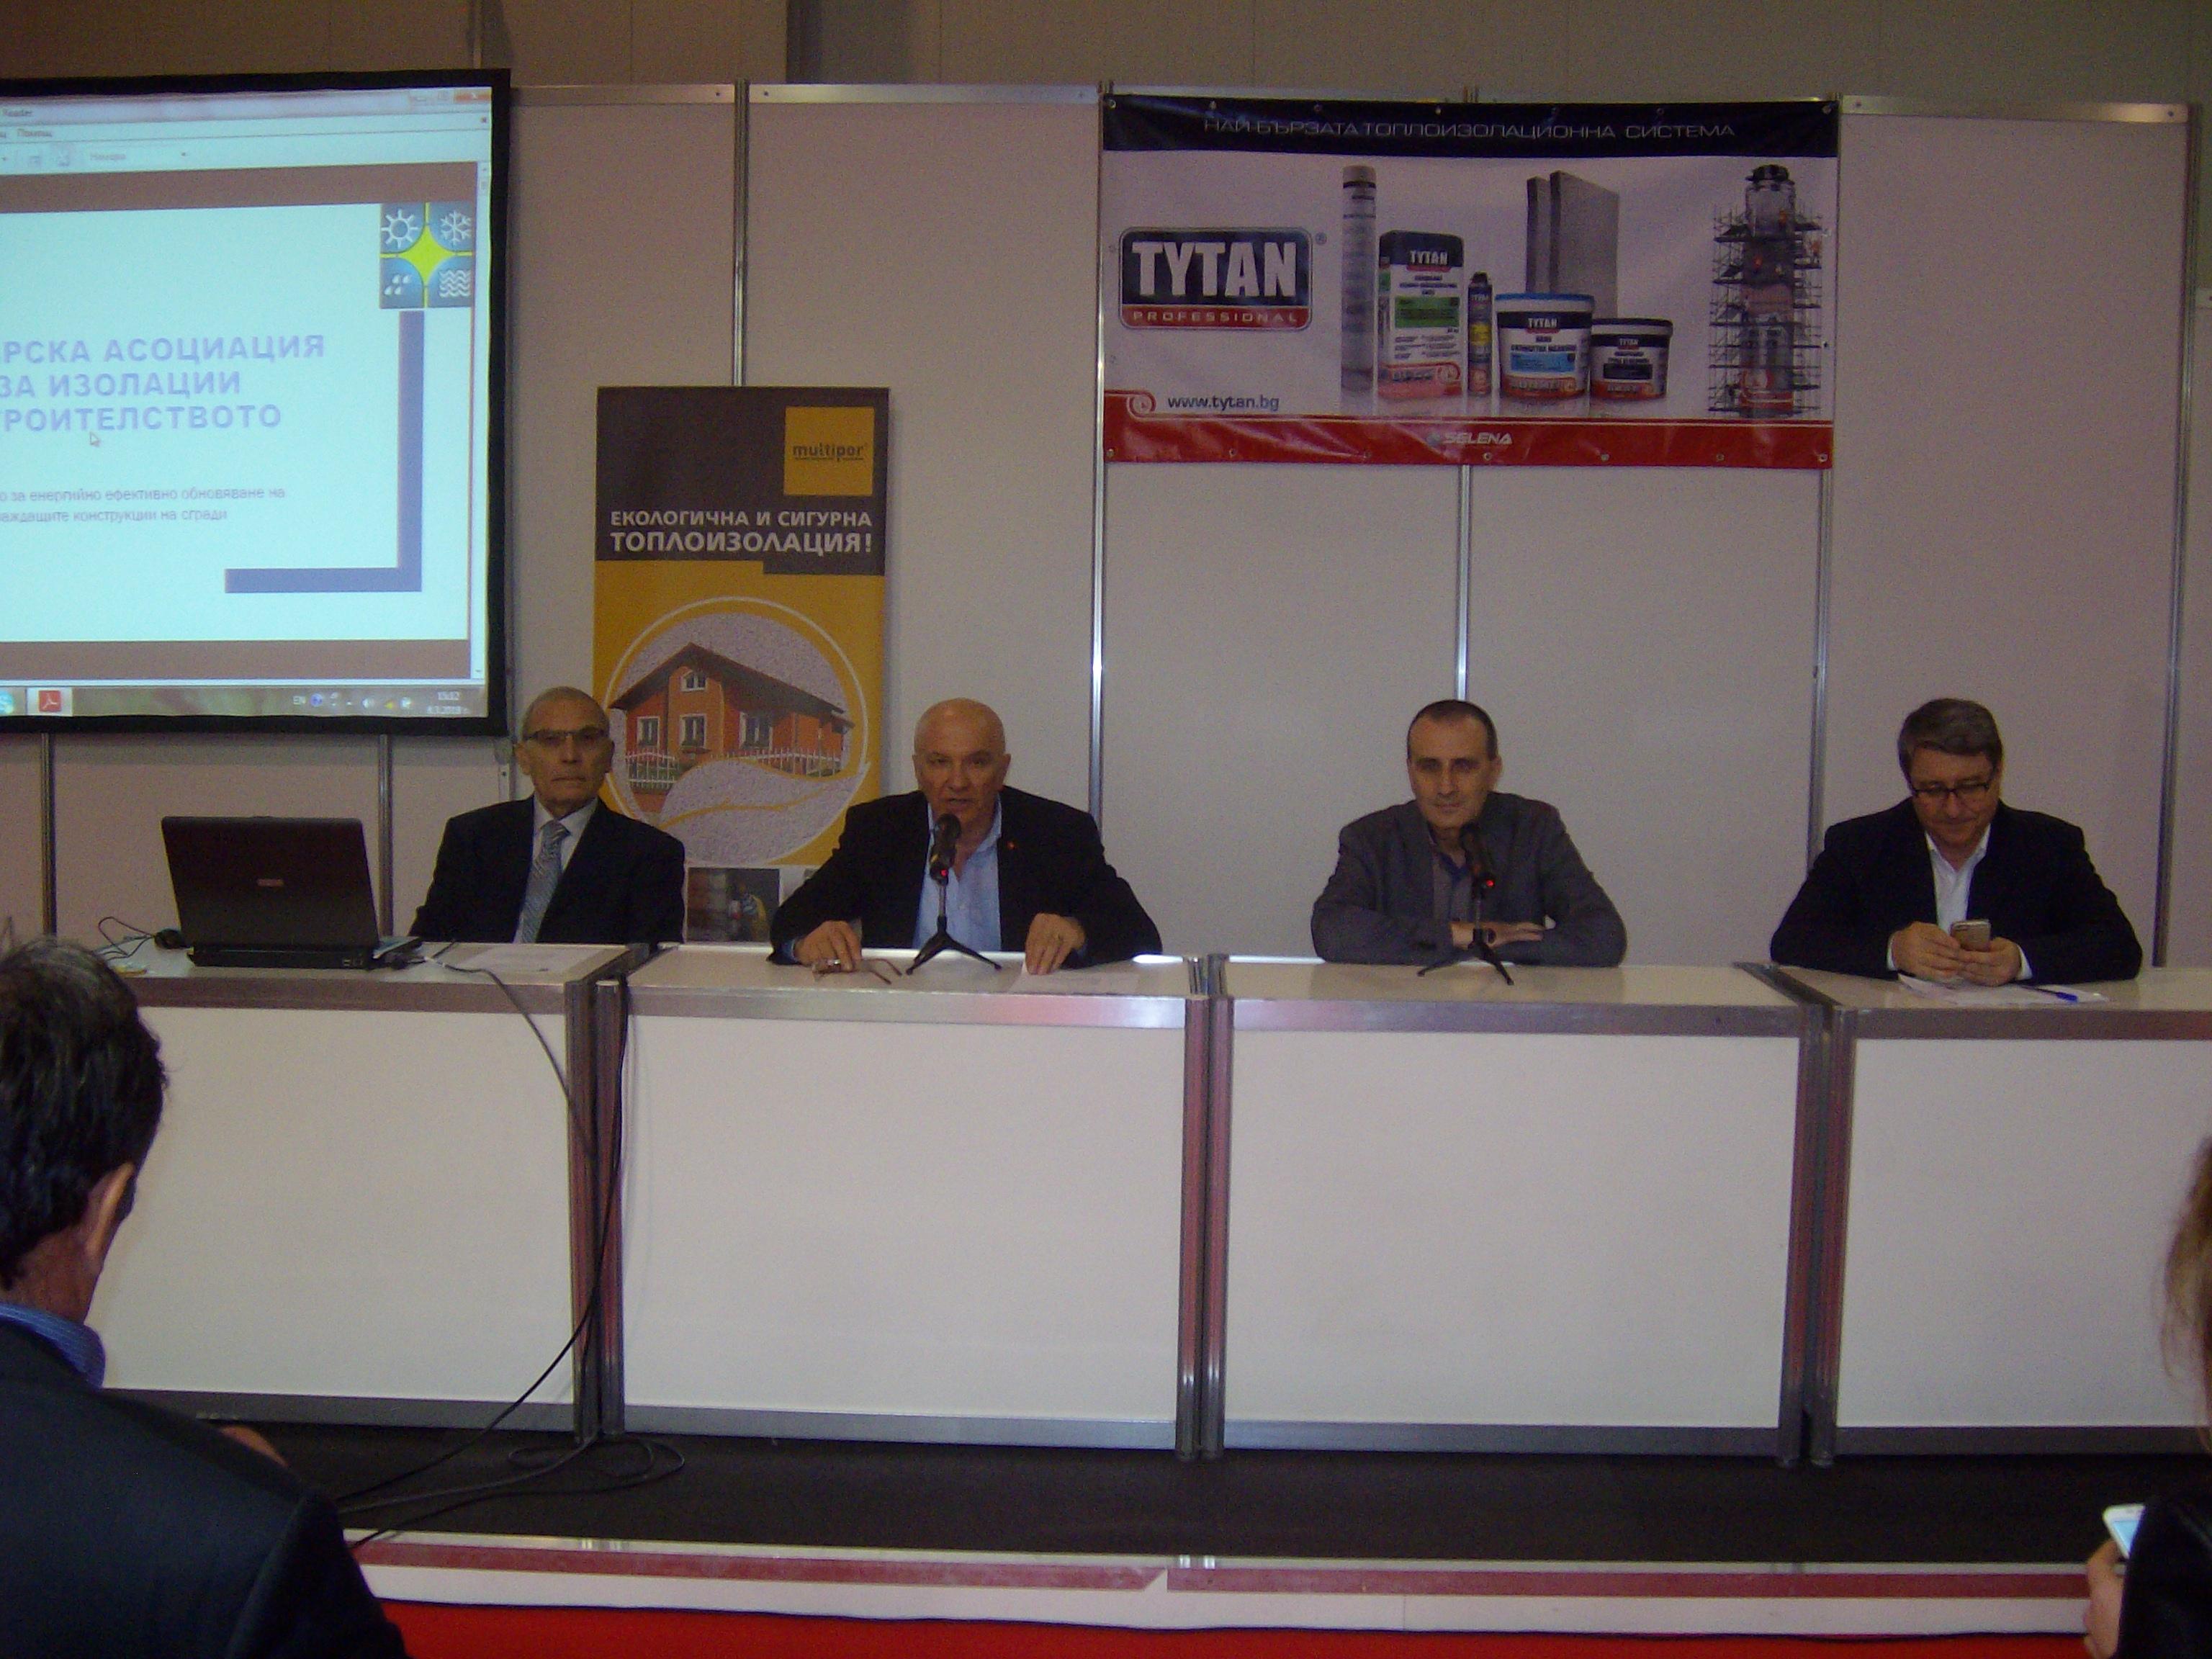 БАИС отчете висок интерес към дискусионен панел за санирането